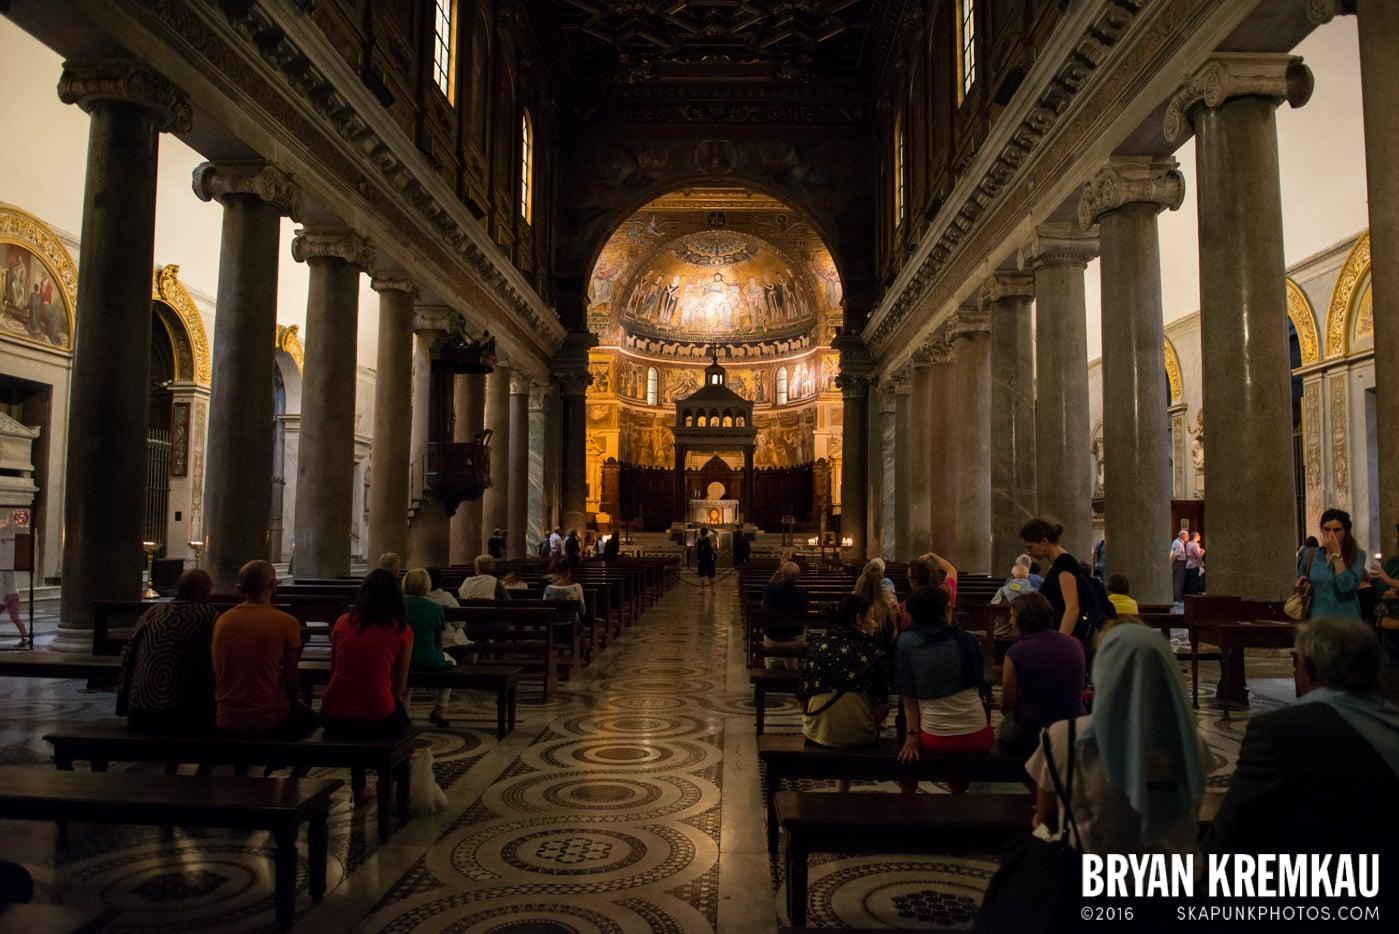 Italy Vacation - Day 2: Rome - 9.10.13 (28)